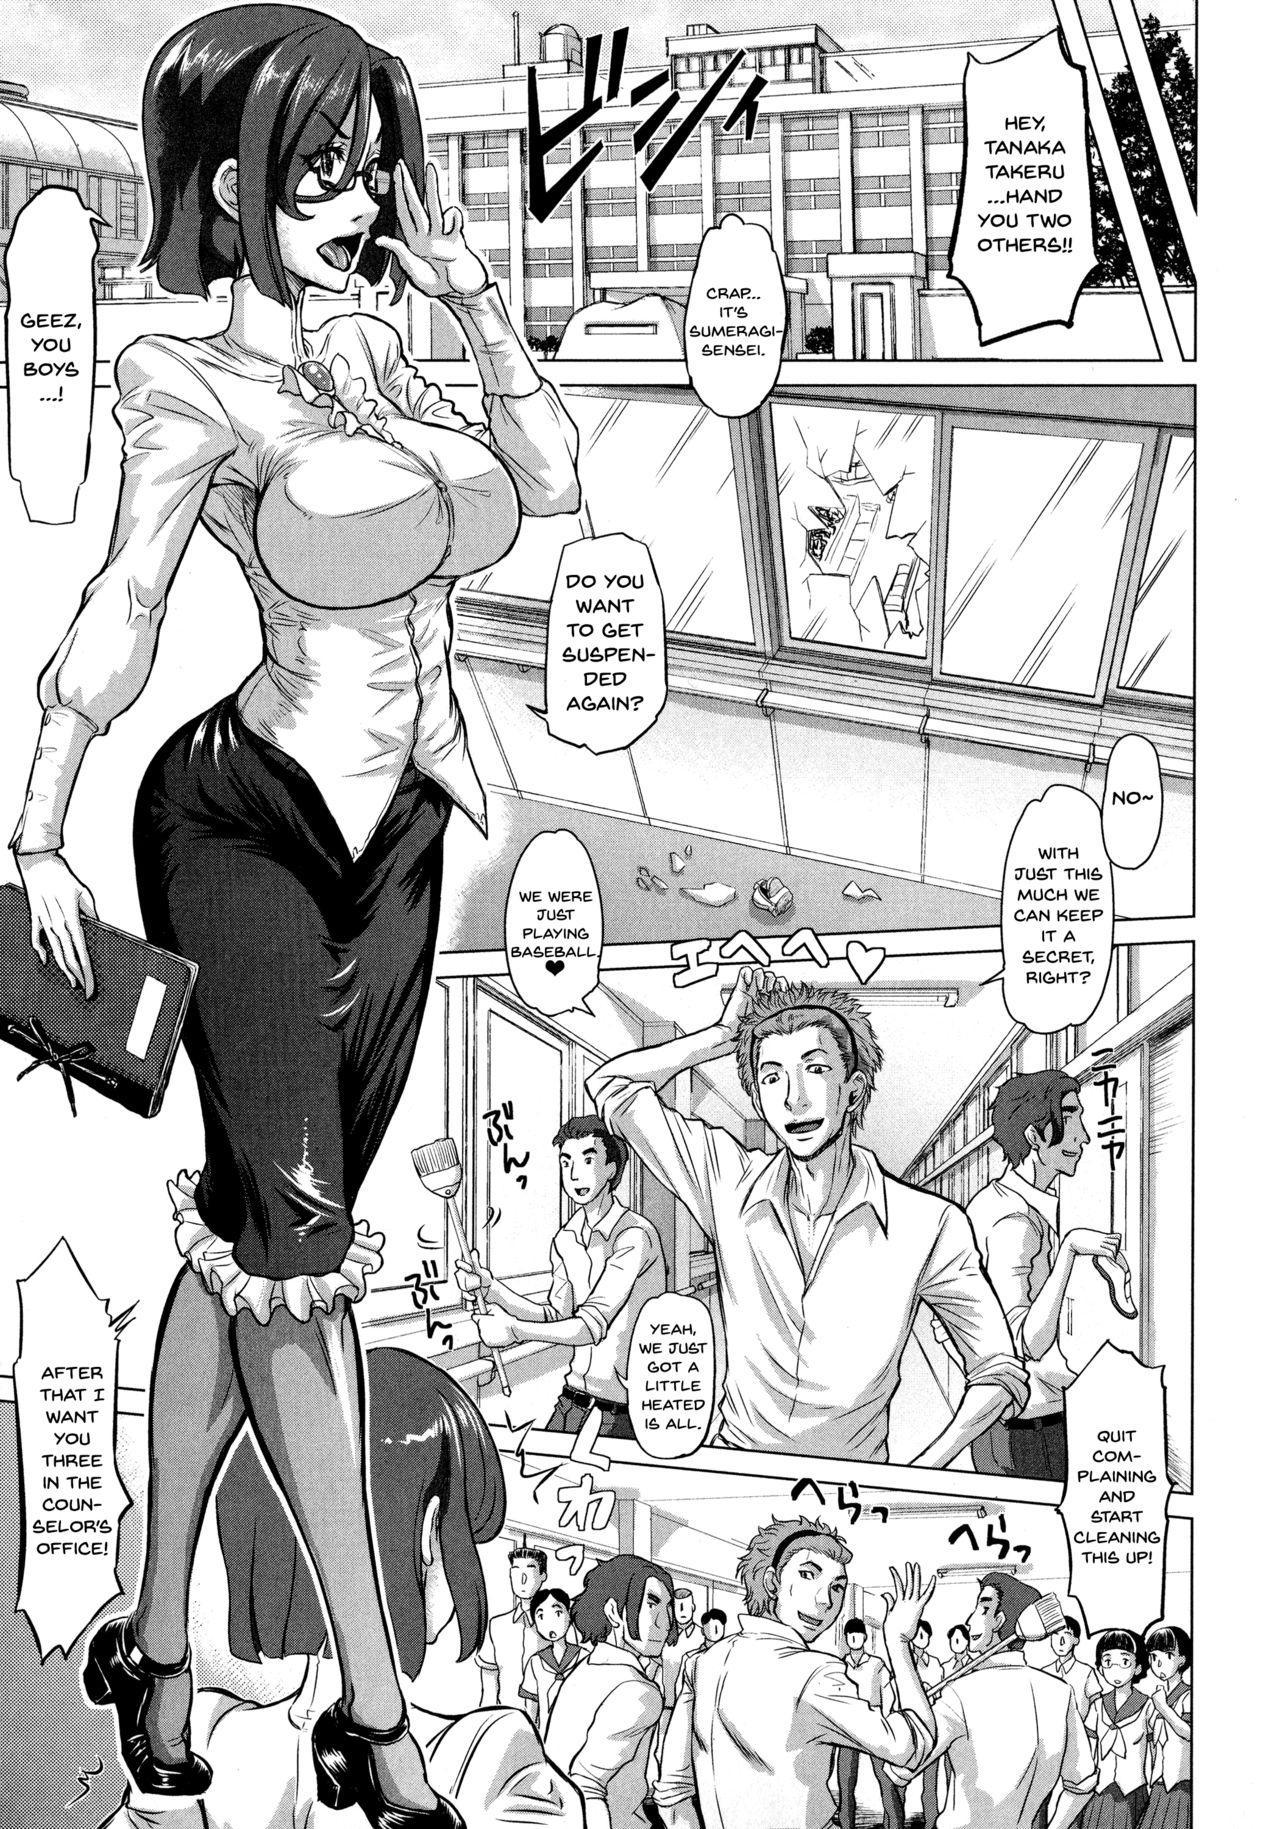 [Minority] Negative Kanako-sensei Ch. 1-3 [English] {Doujins.com} 10